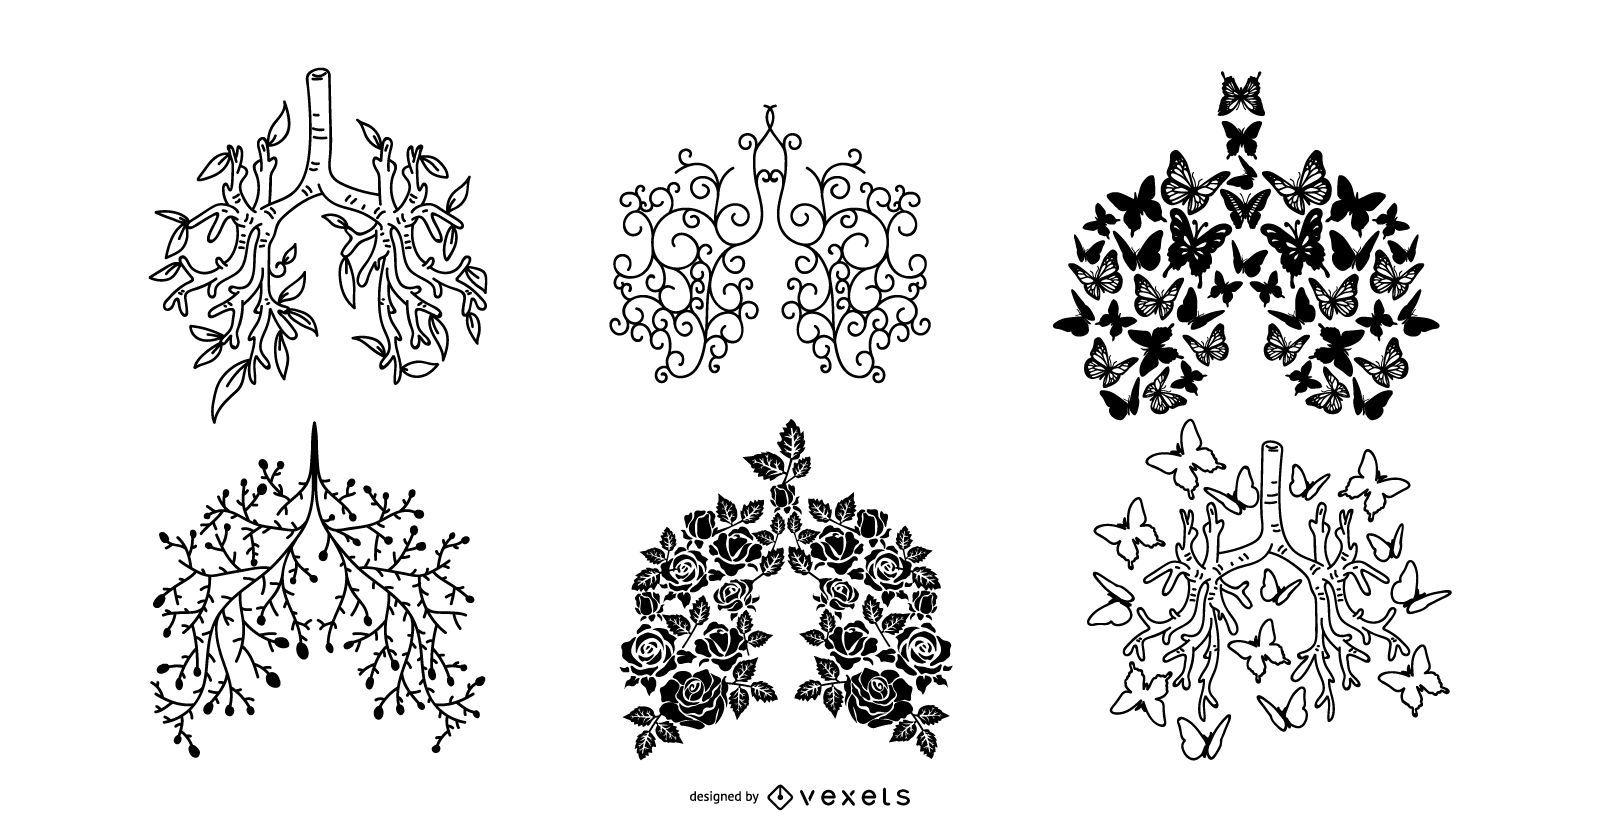 Conjunto de diseño de silueta de fibrosis quística